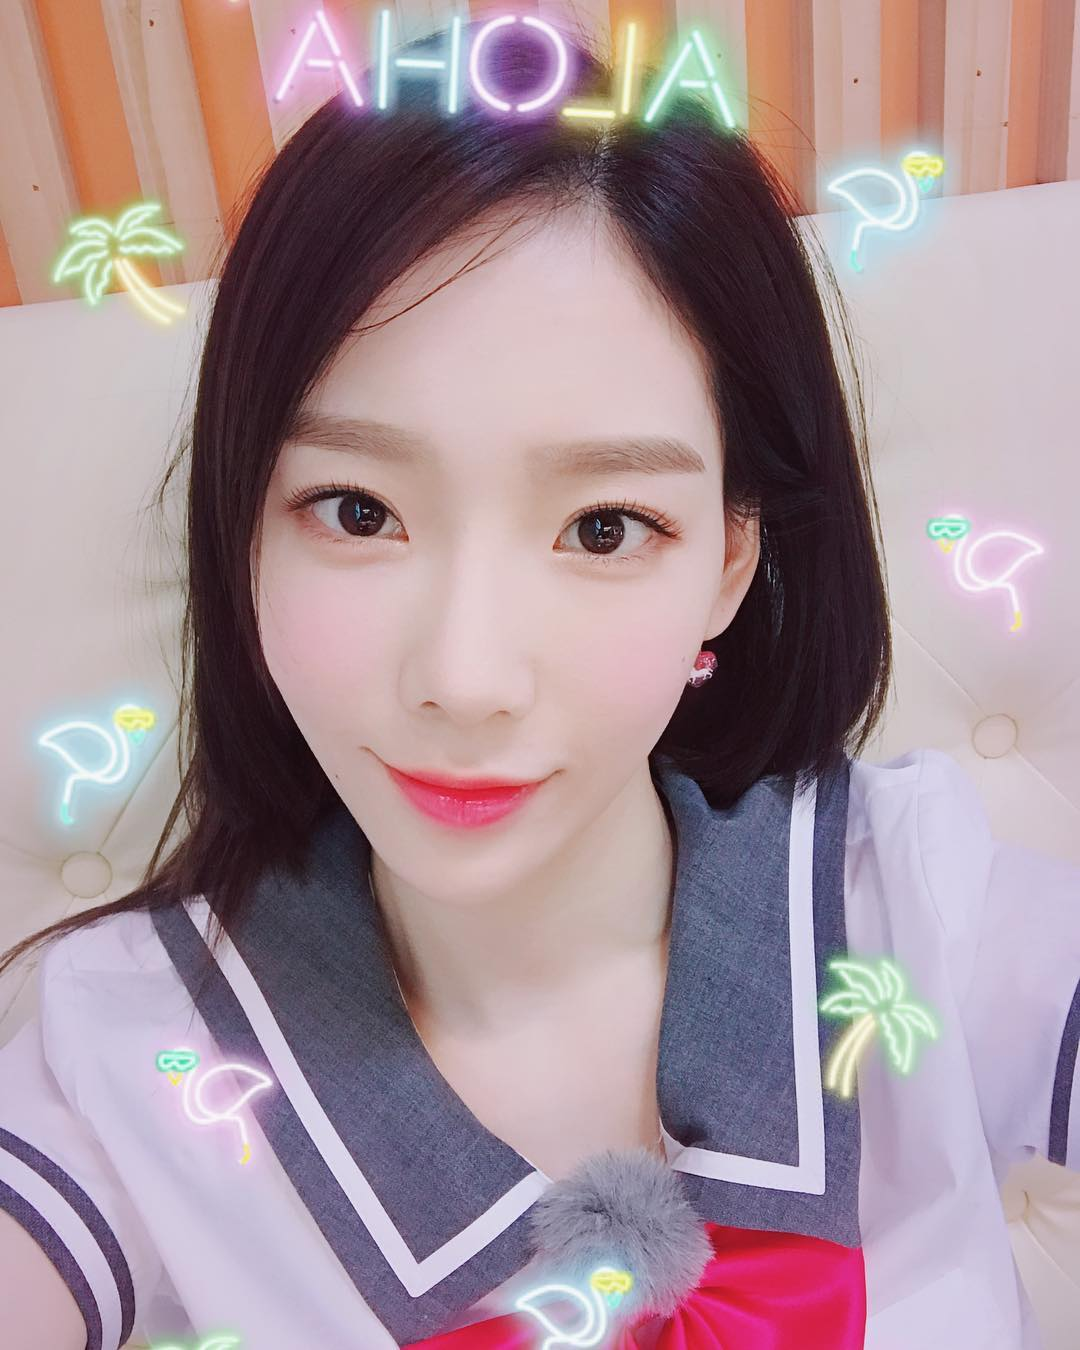 韓國網友曾選出皮膚超白的女偶像,上榜的偶像真的一個比一個還白啊! 今天就讓我們來一起看看,韓國網友心中「小麥肌」女偶像的代表是哪幾位吧~